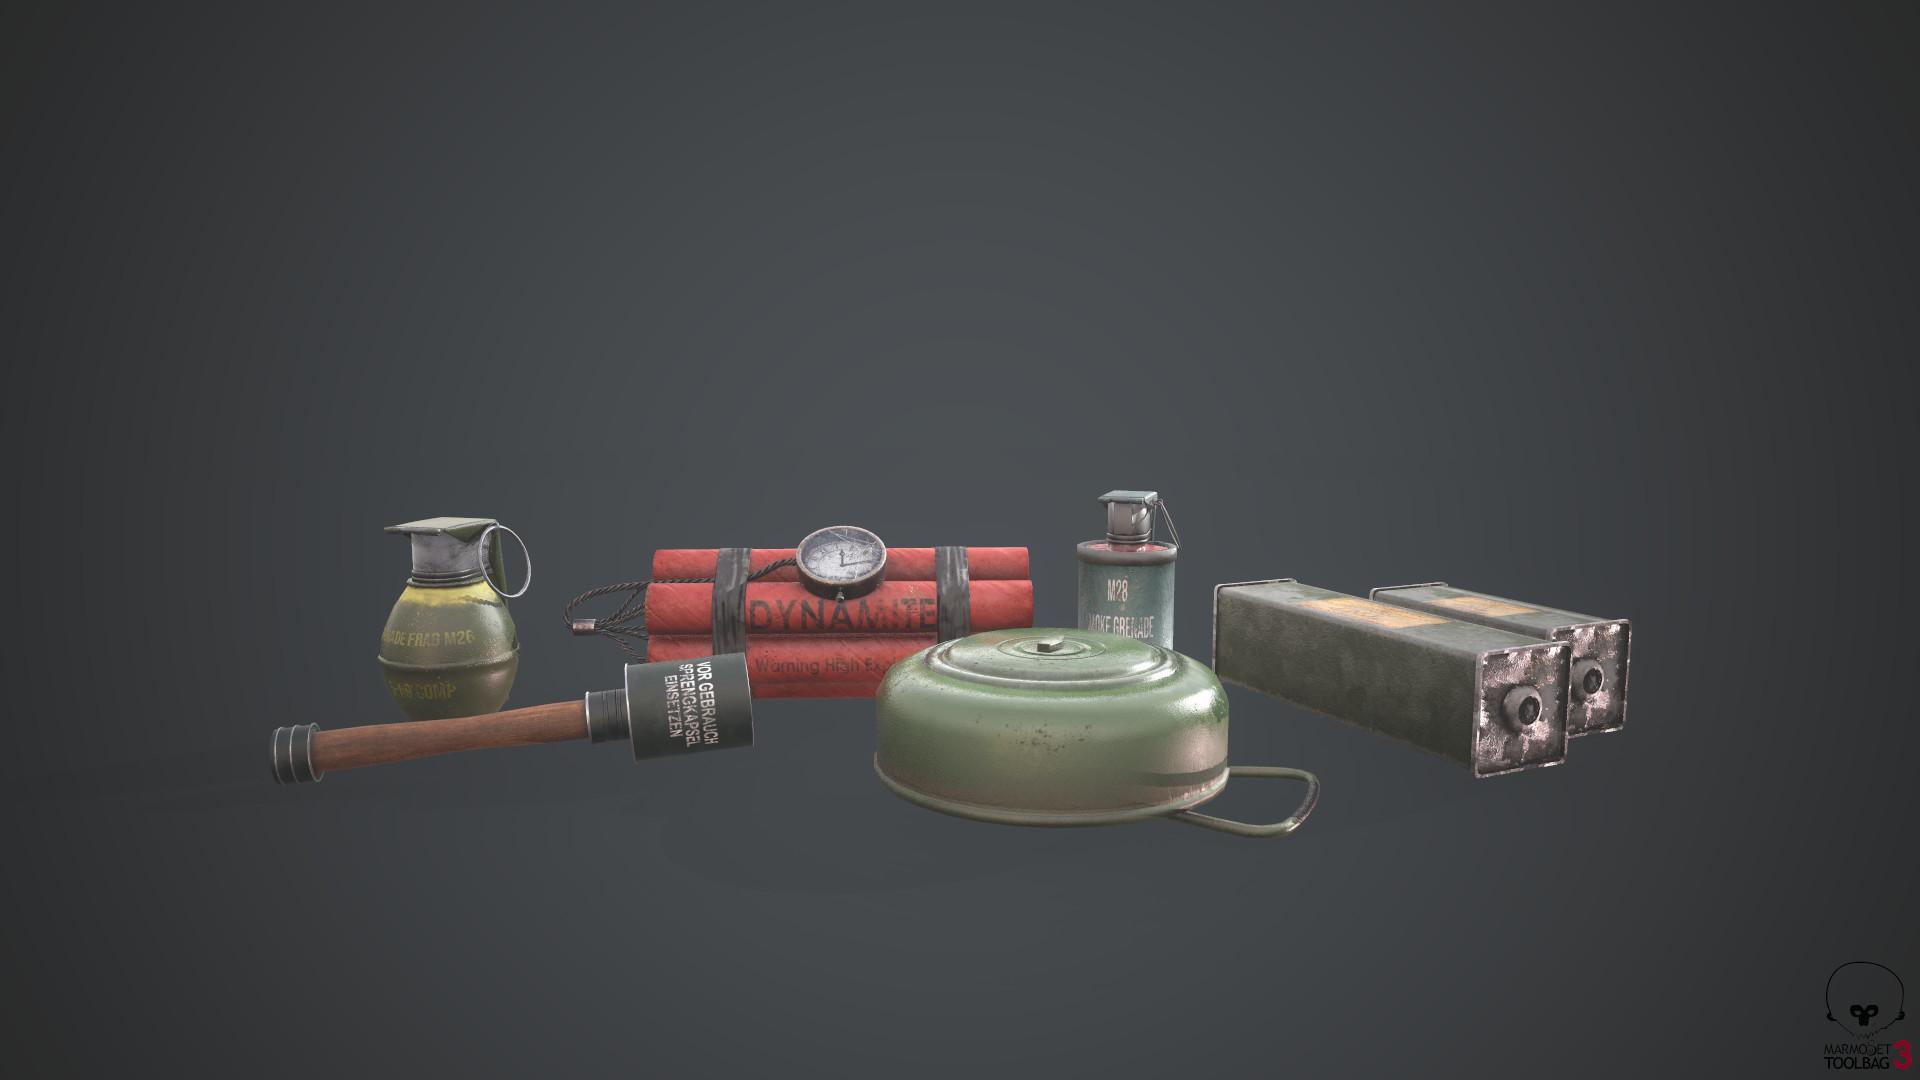 Serdar cendik miniexplosive